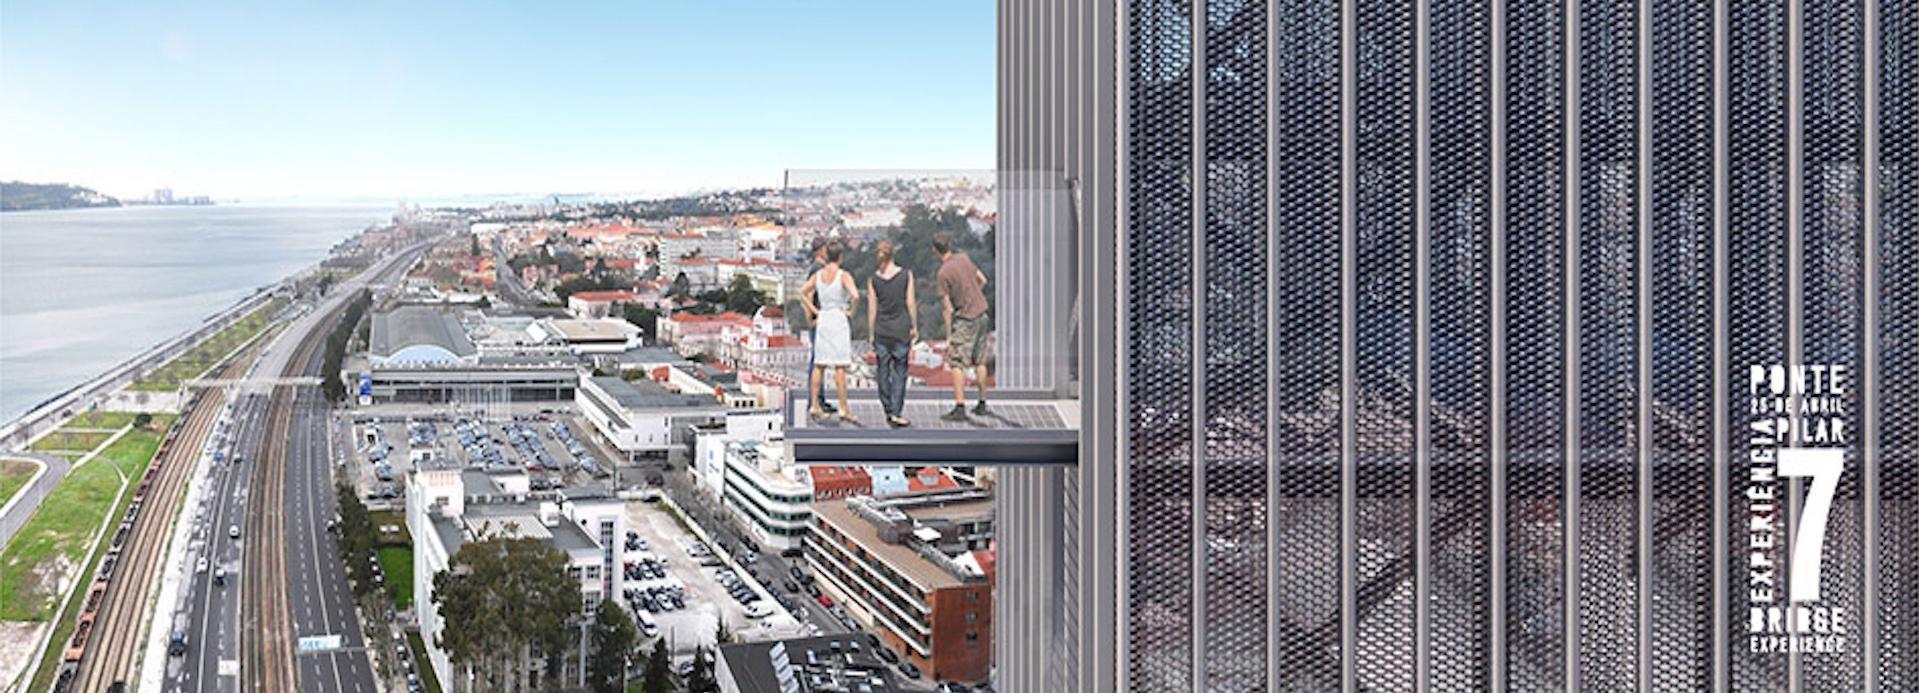 Lissabon: Ticket für die Tour am 7. Brückenpfeiler